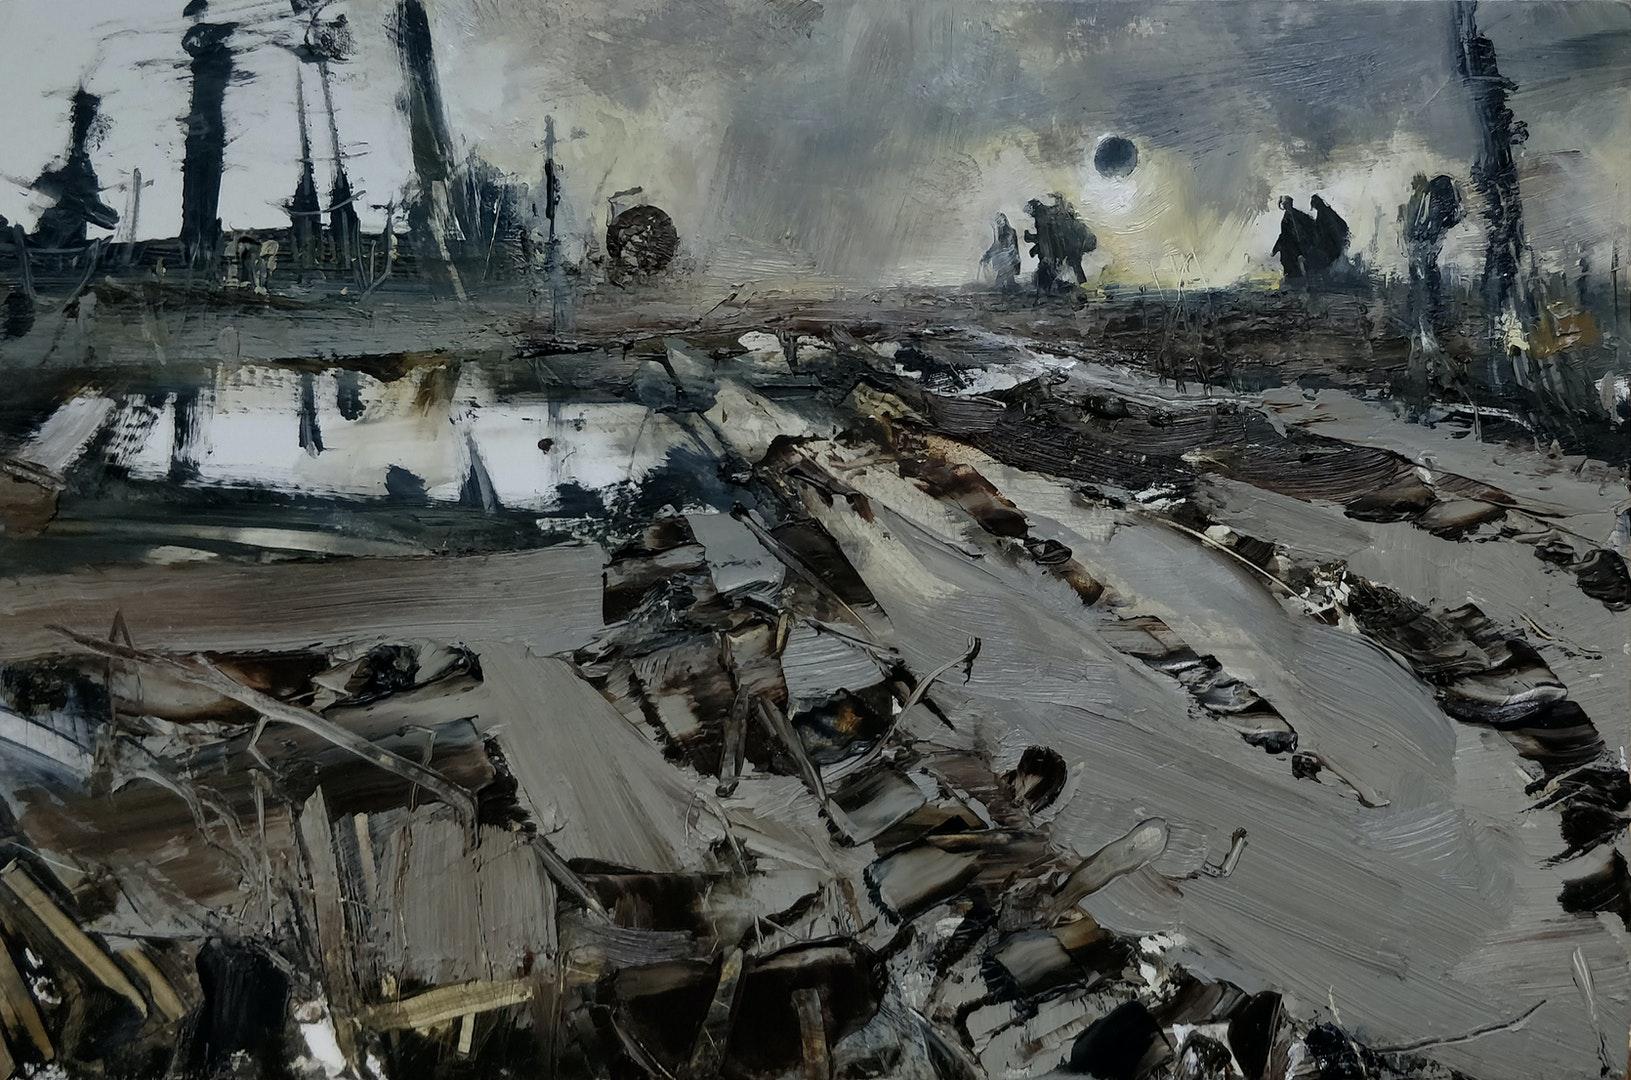 'Travellers Cross a Sodden Landscape Under a Solar Eclypse', Stephen Read, Oil on board, 20 x 30 cm